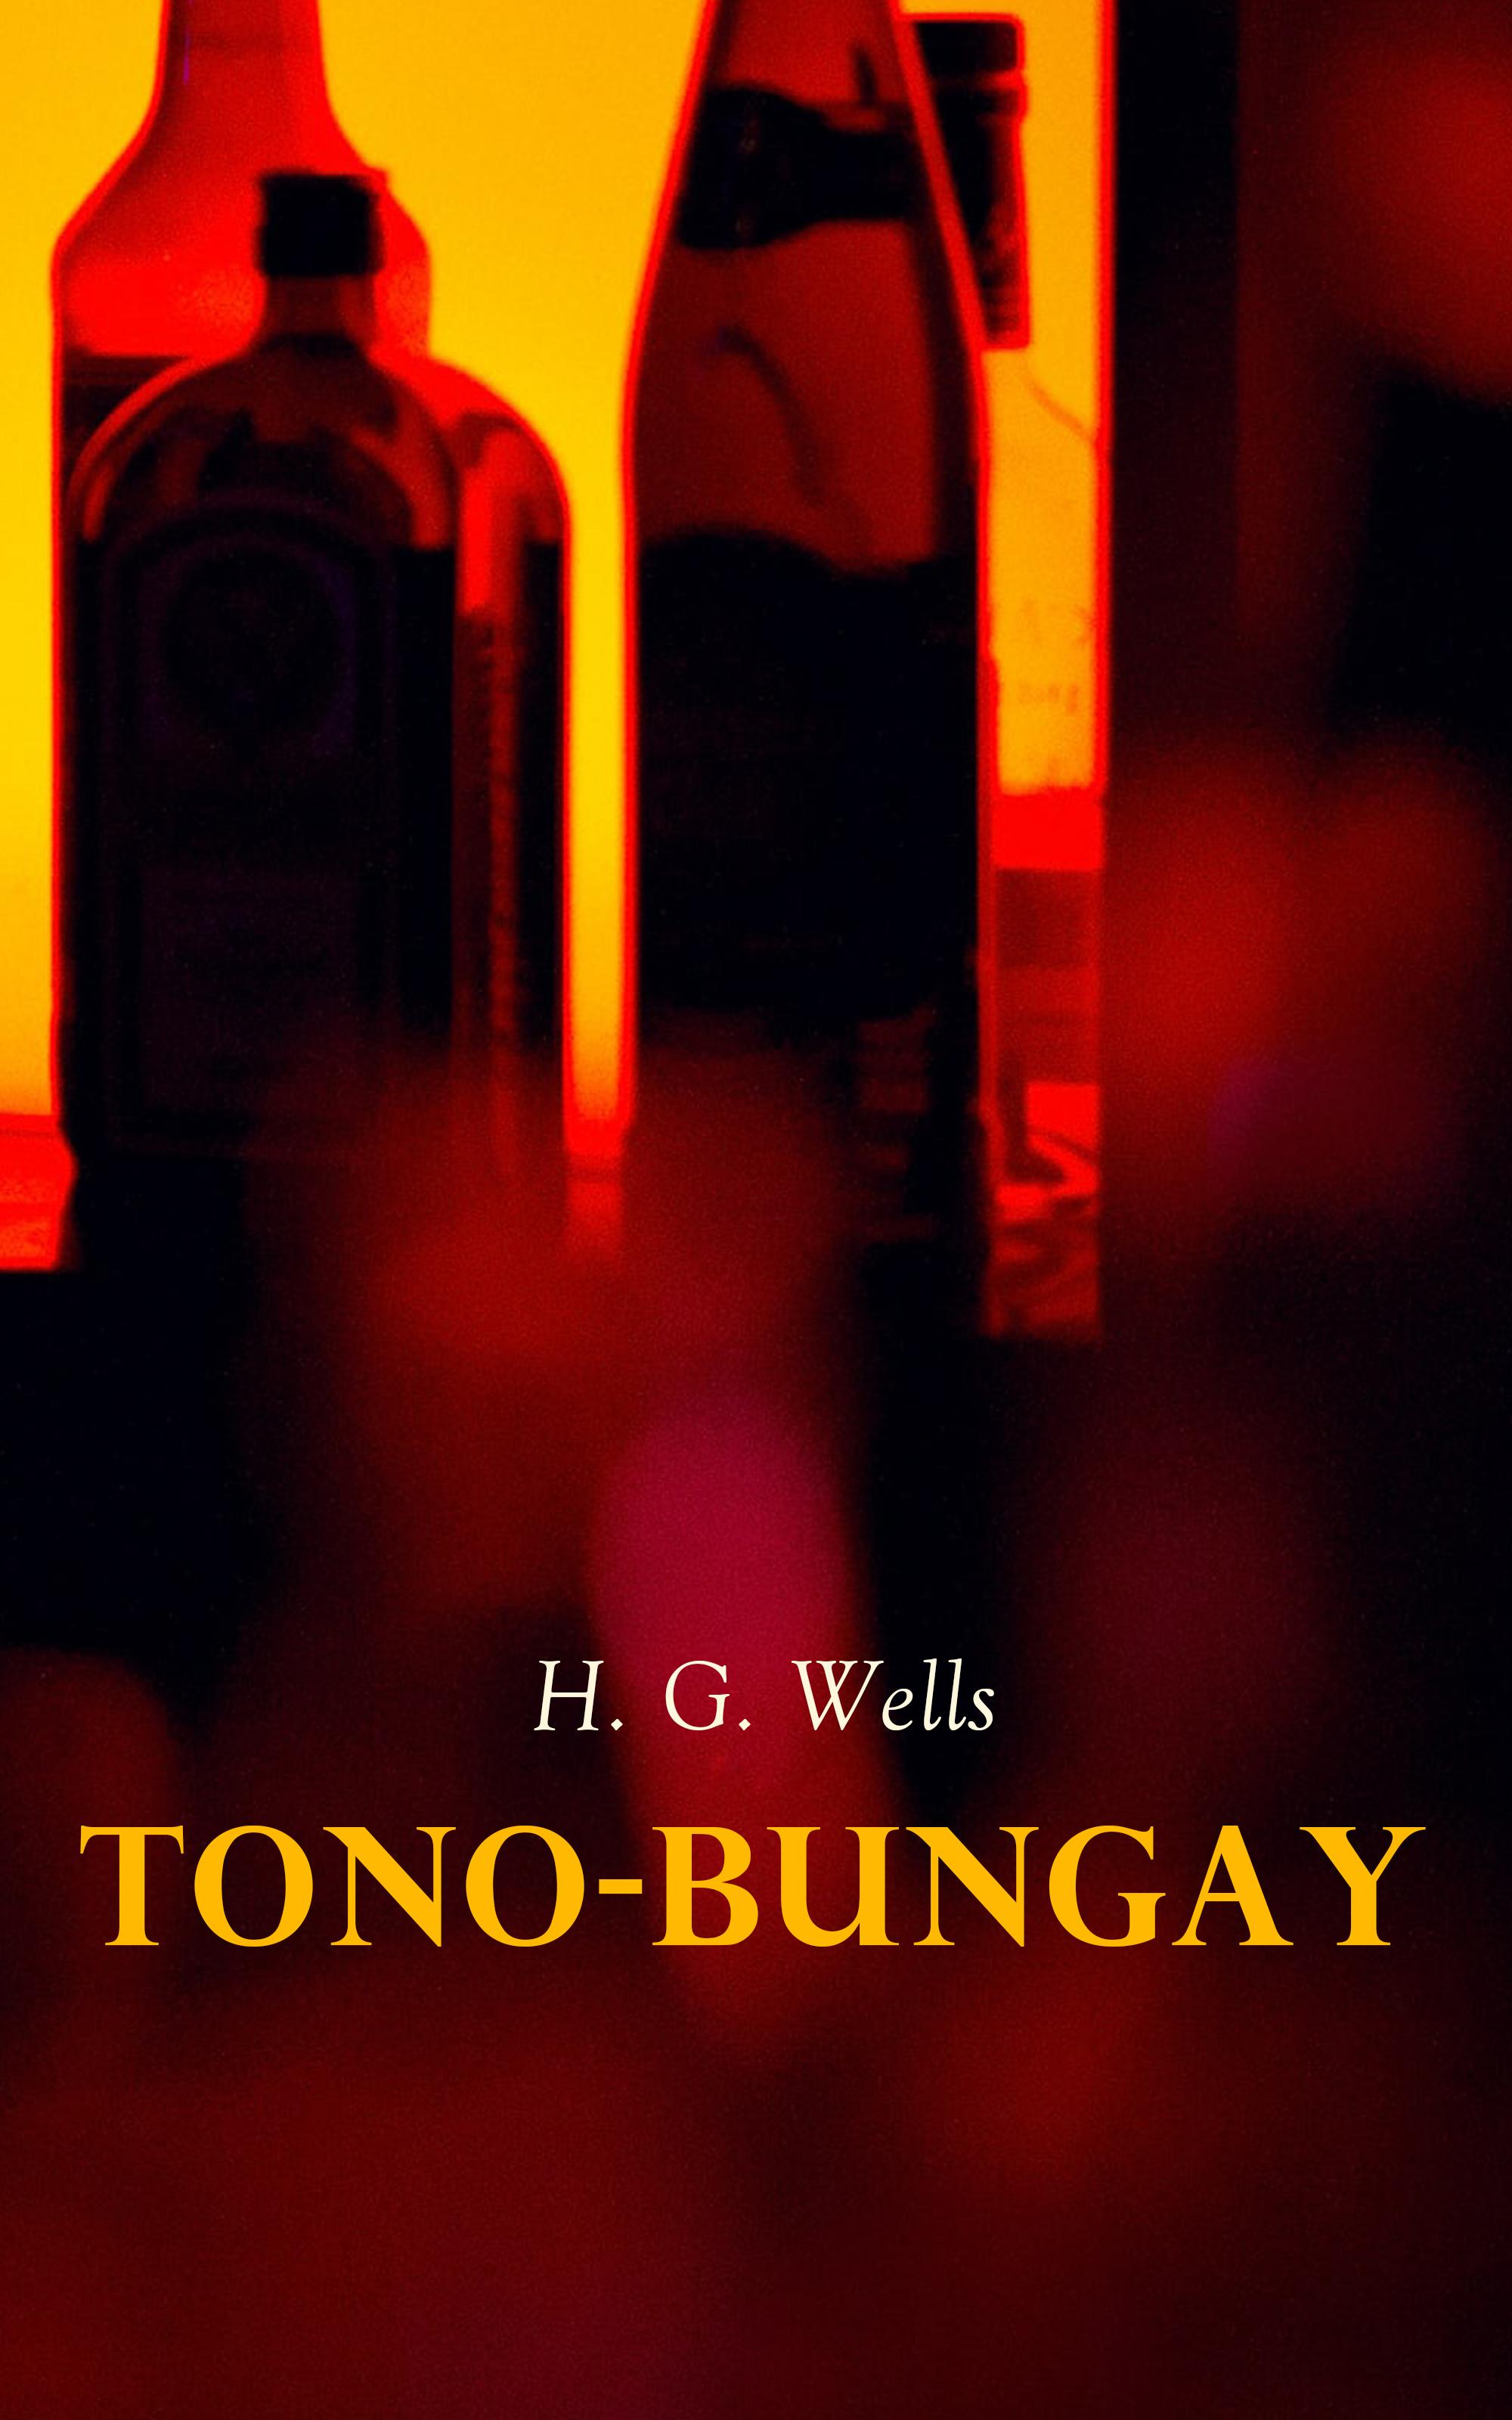 цена на H. G. Wells Tono-Bungay